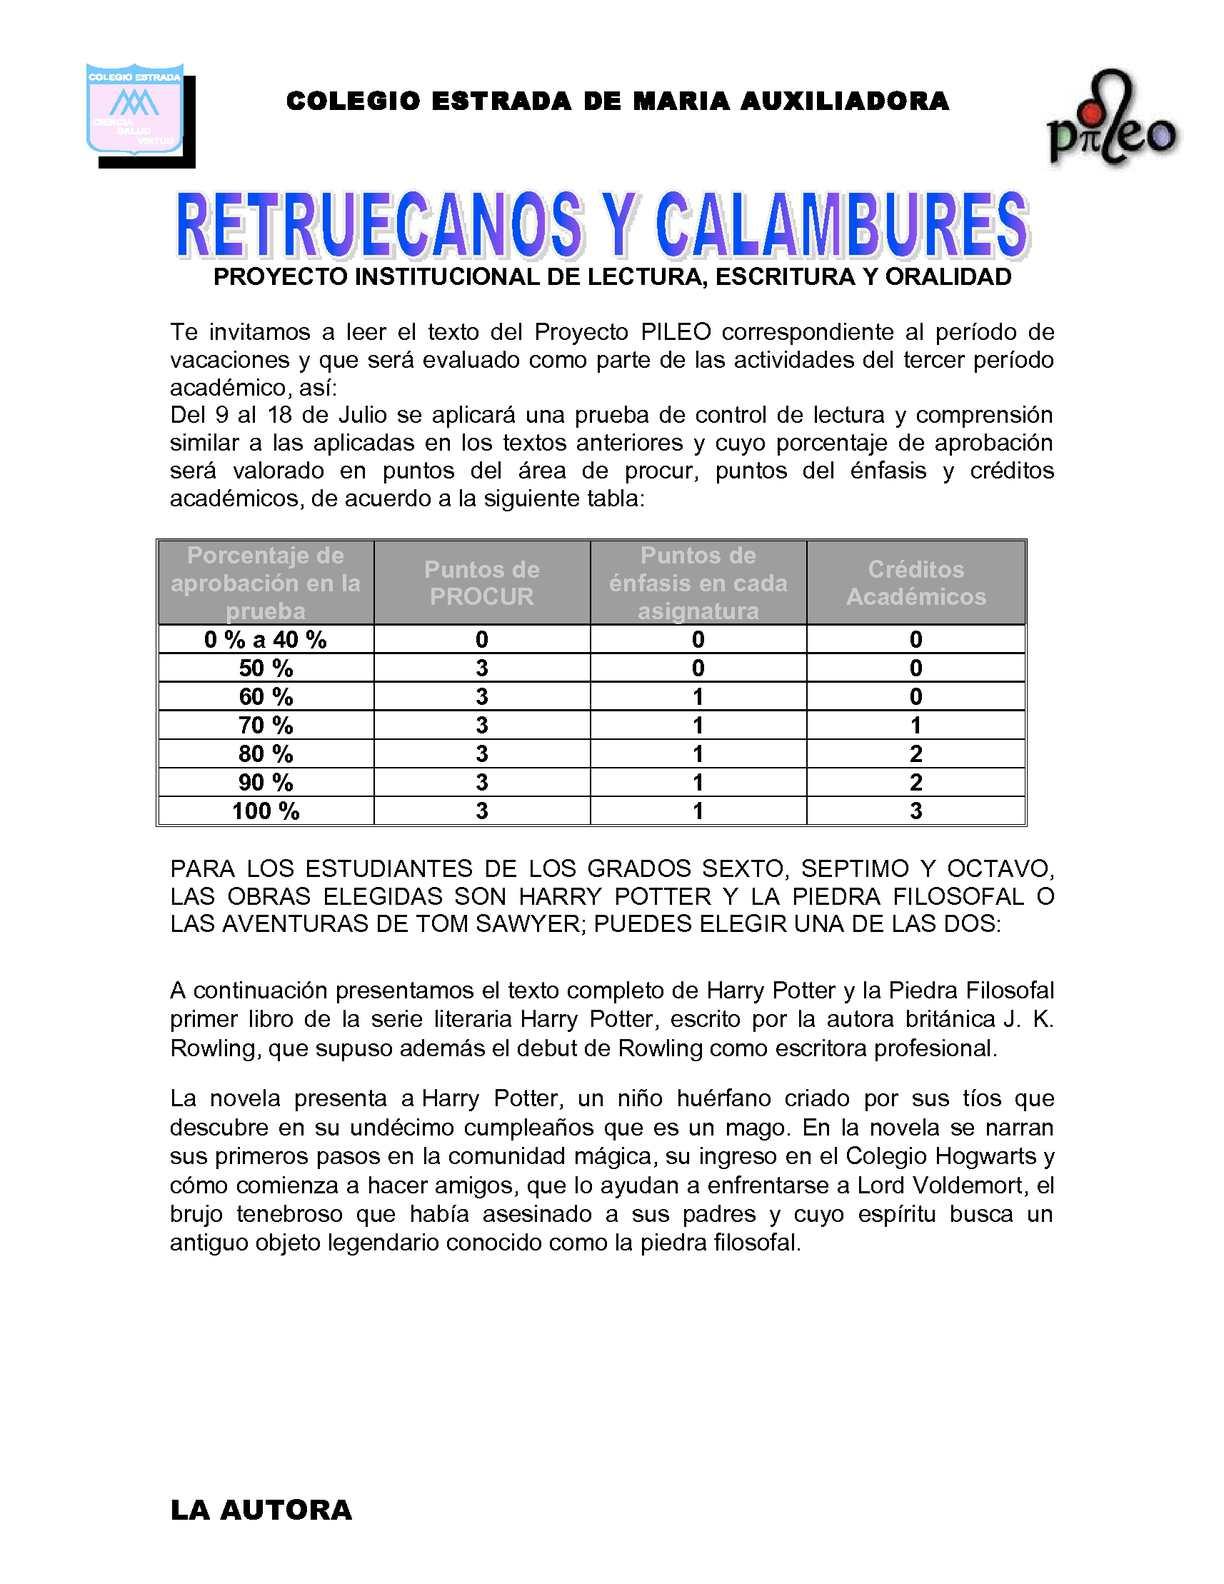 Calaméo - PILEO SEXTO 1ba3cacf1fac